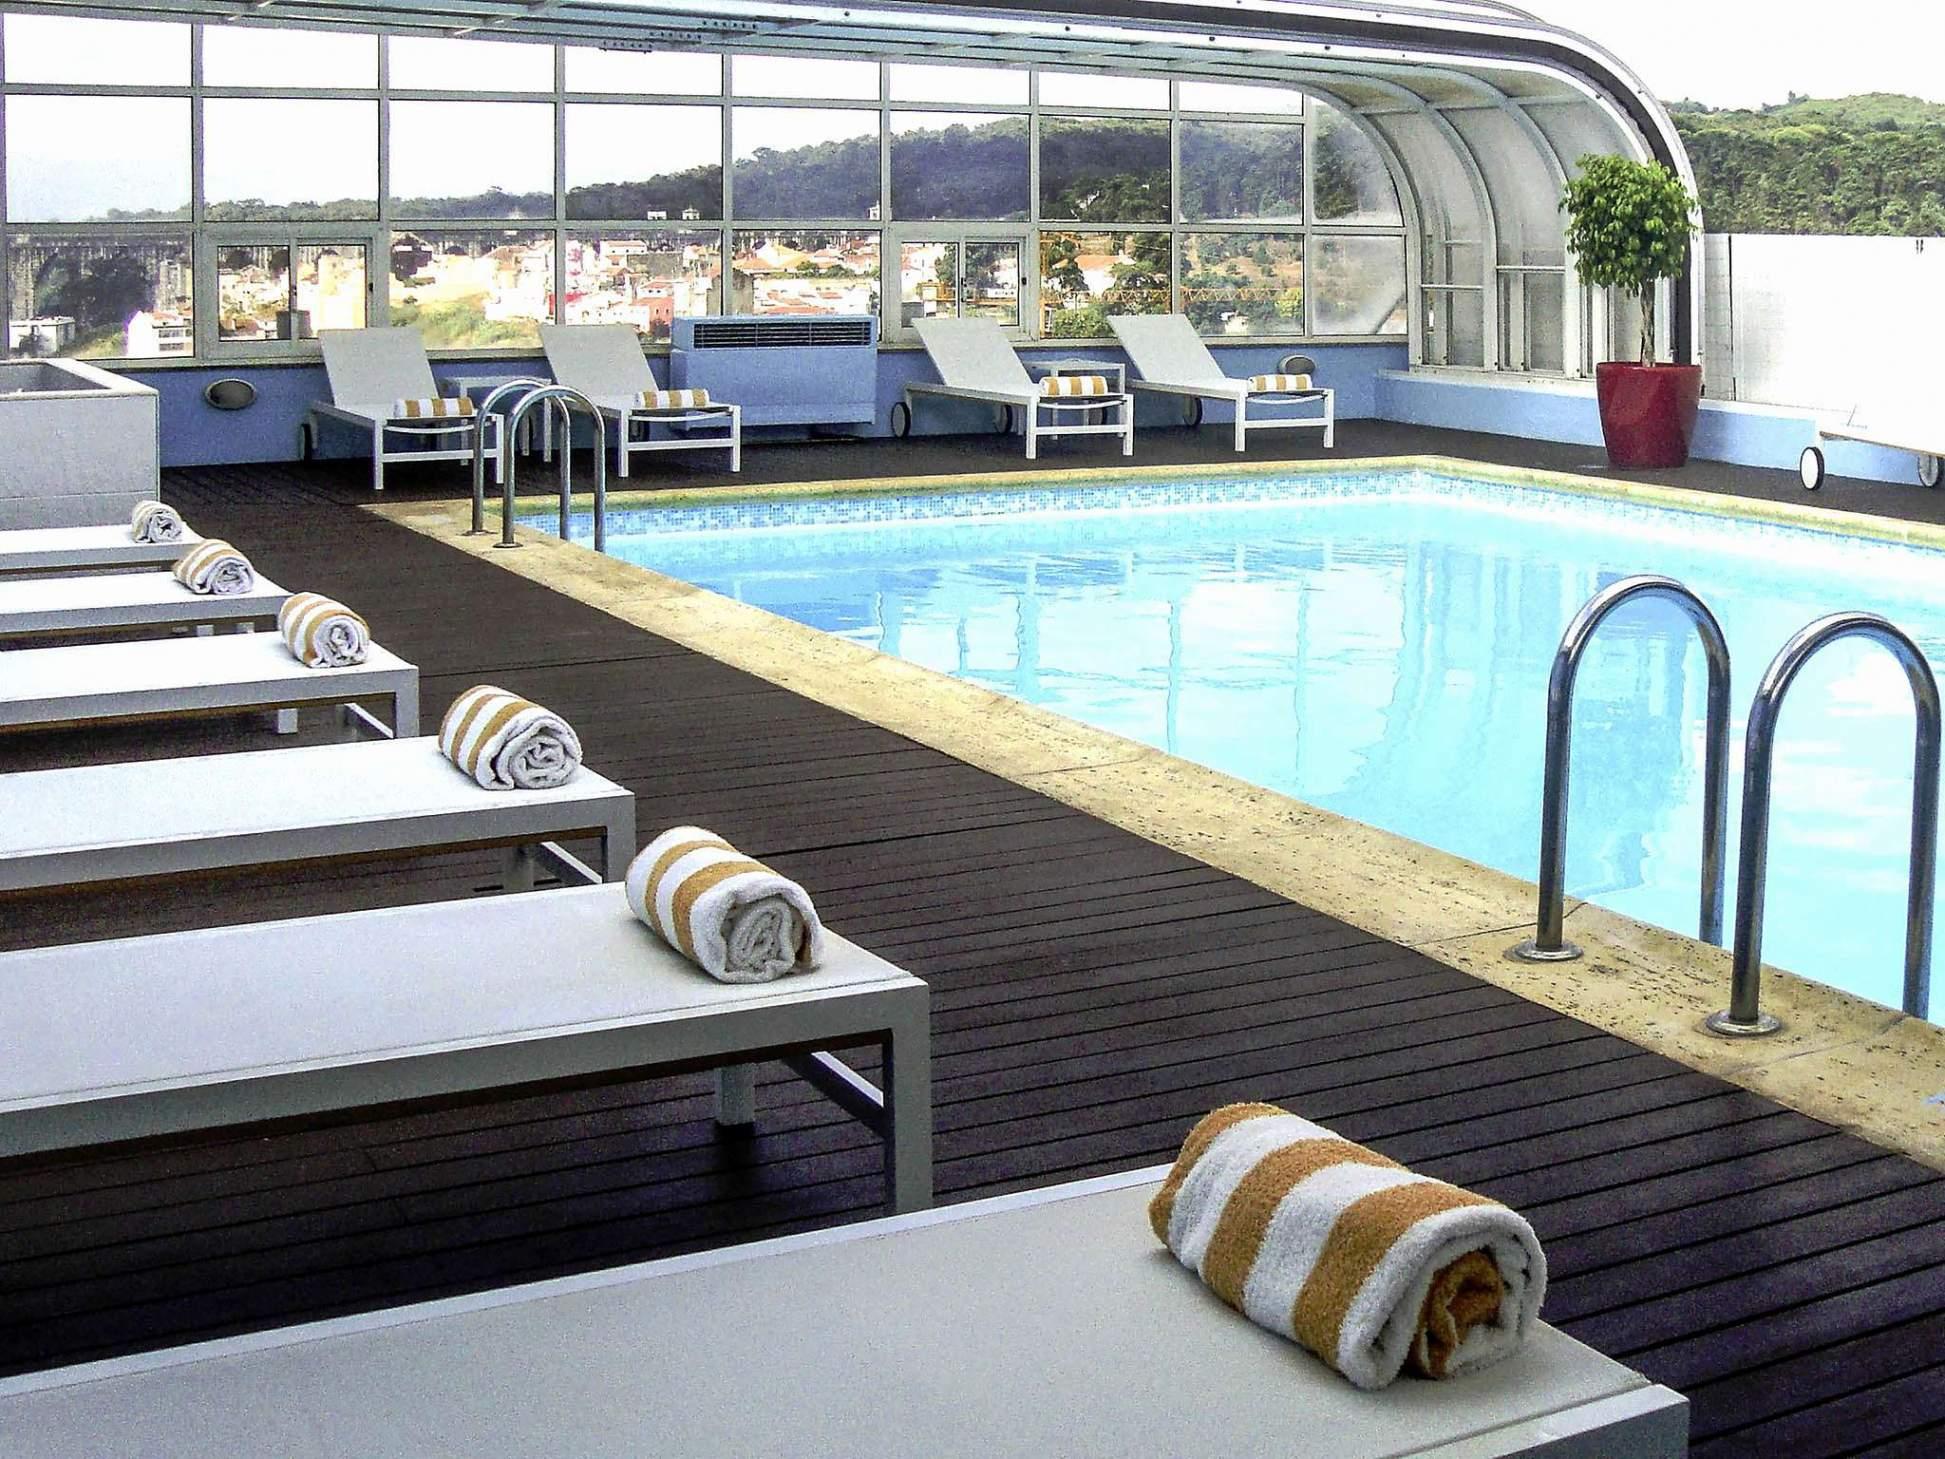 kleiner garten mit pool elegant pool terrasse 0d archives greendmv pool kleiner garten pool kleiner garten